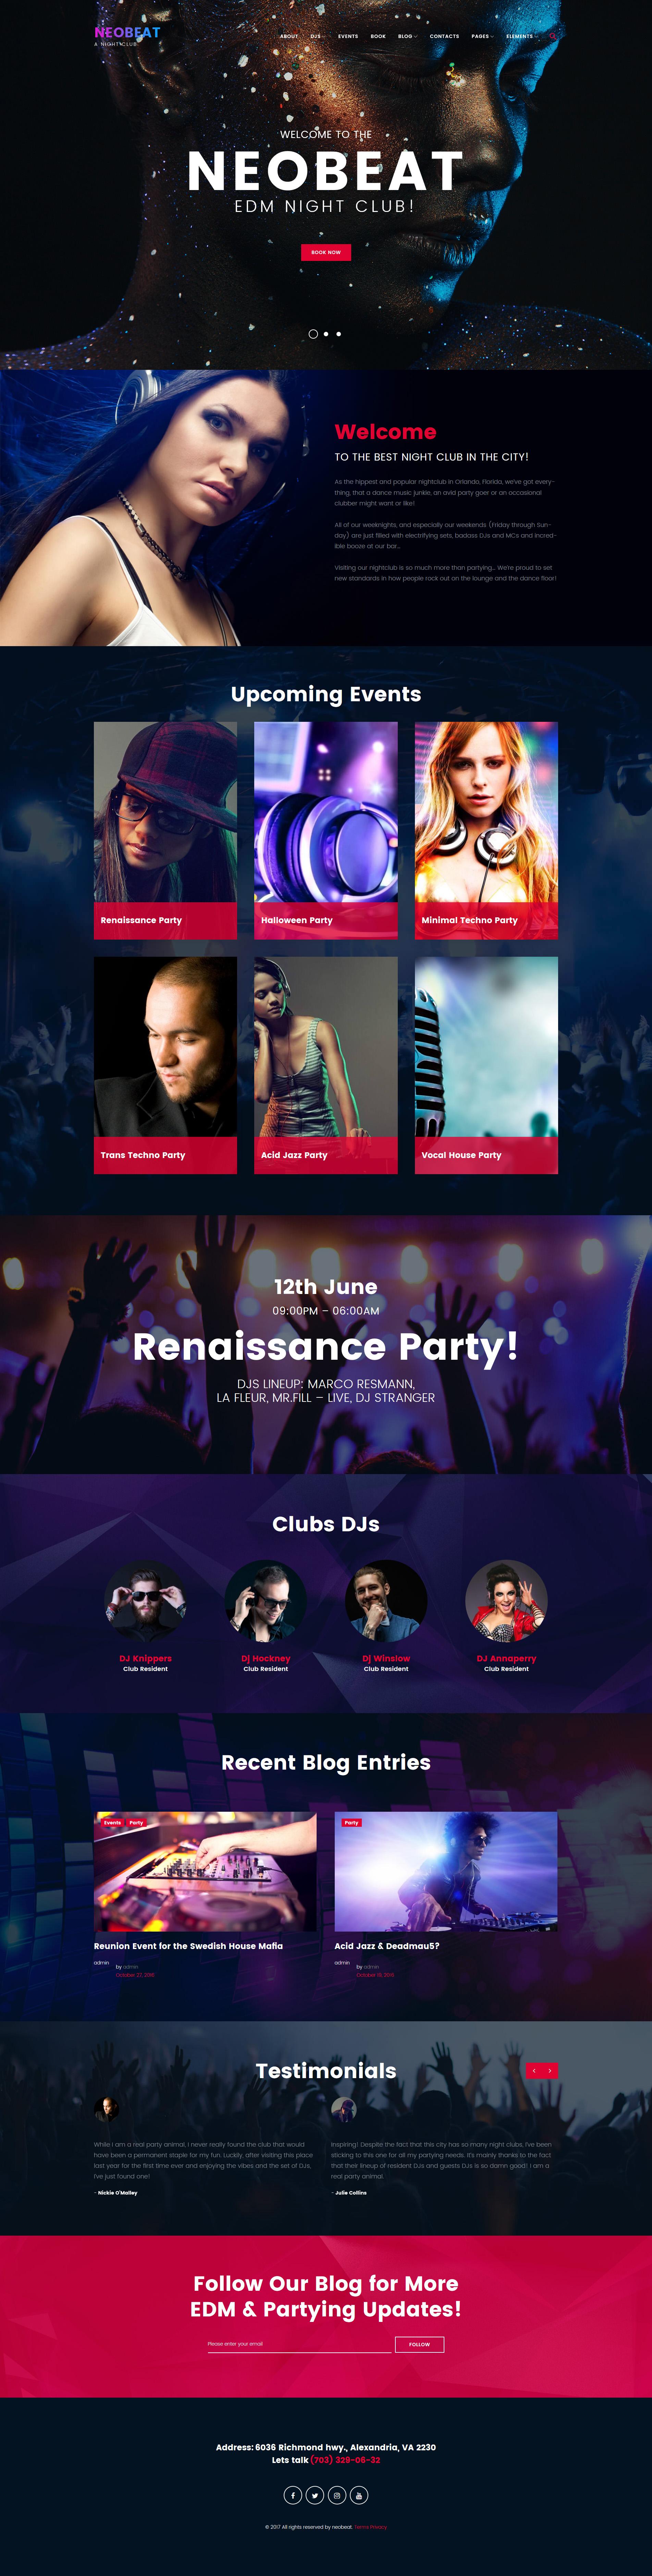 Reszponzív Neobeat - Night Club & Entertainment WordPress sablon 63497 - képernyőkép